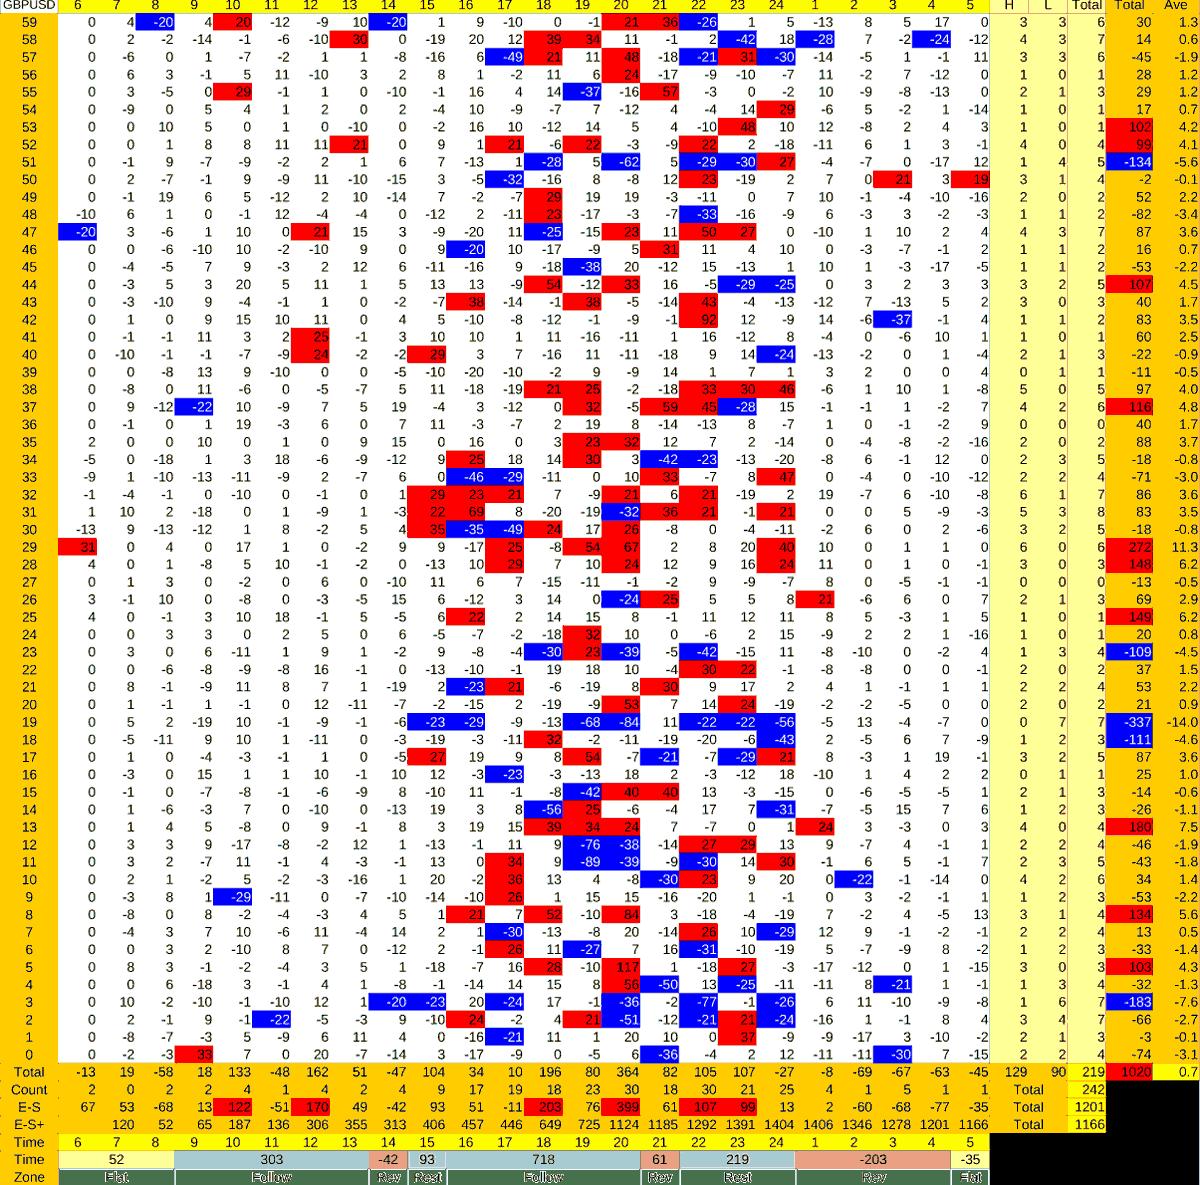 20210923_HS(2)GBPUSD-min